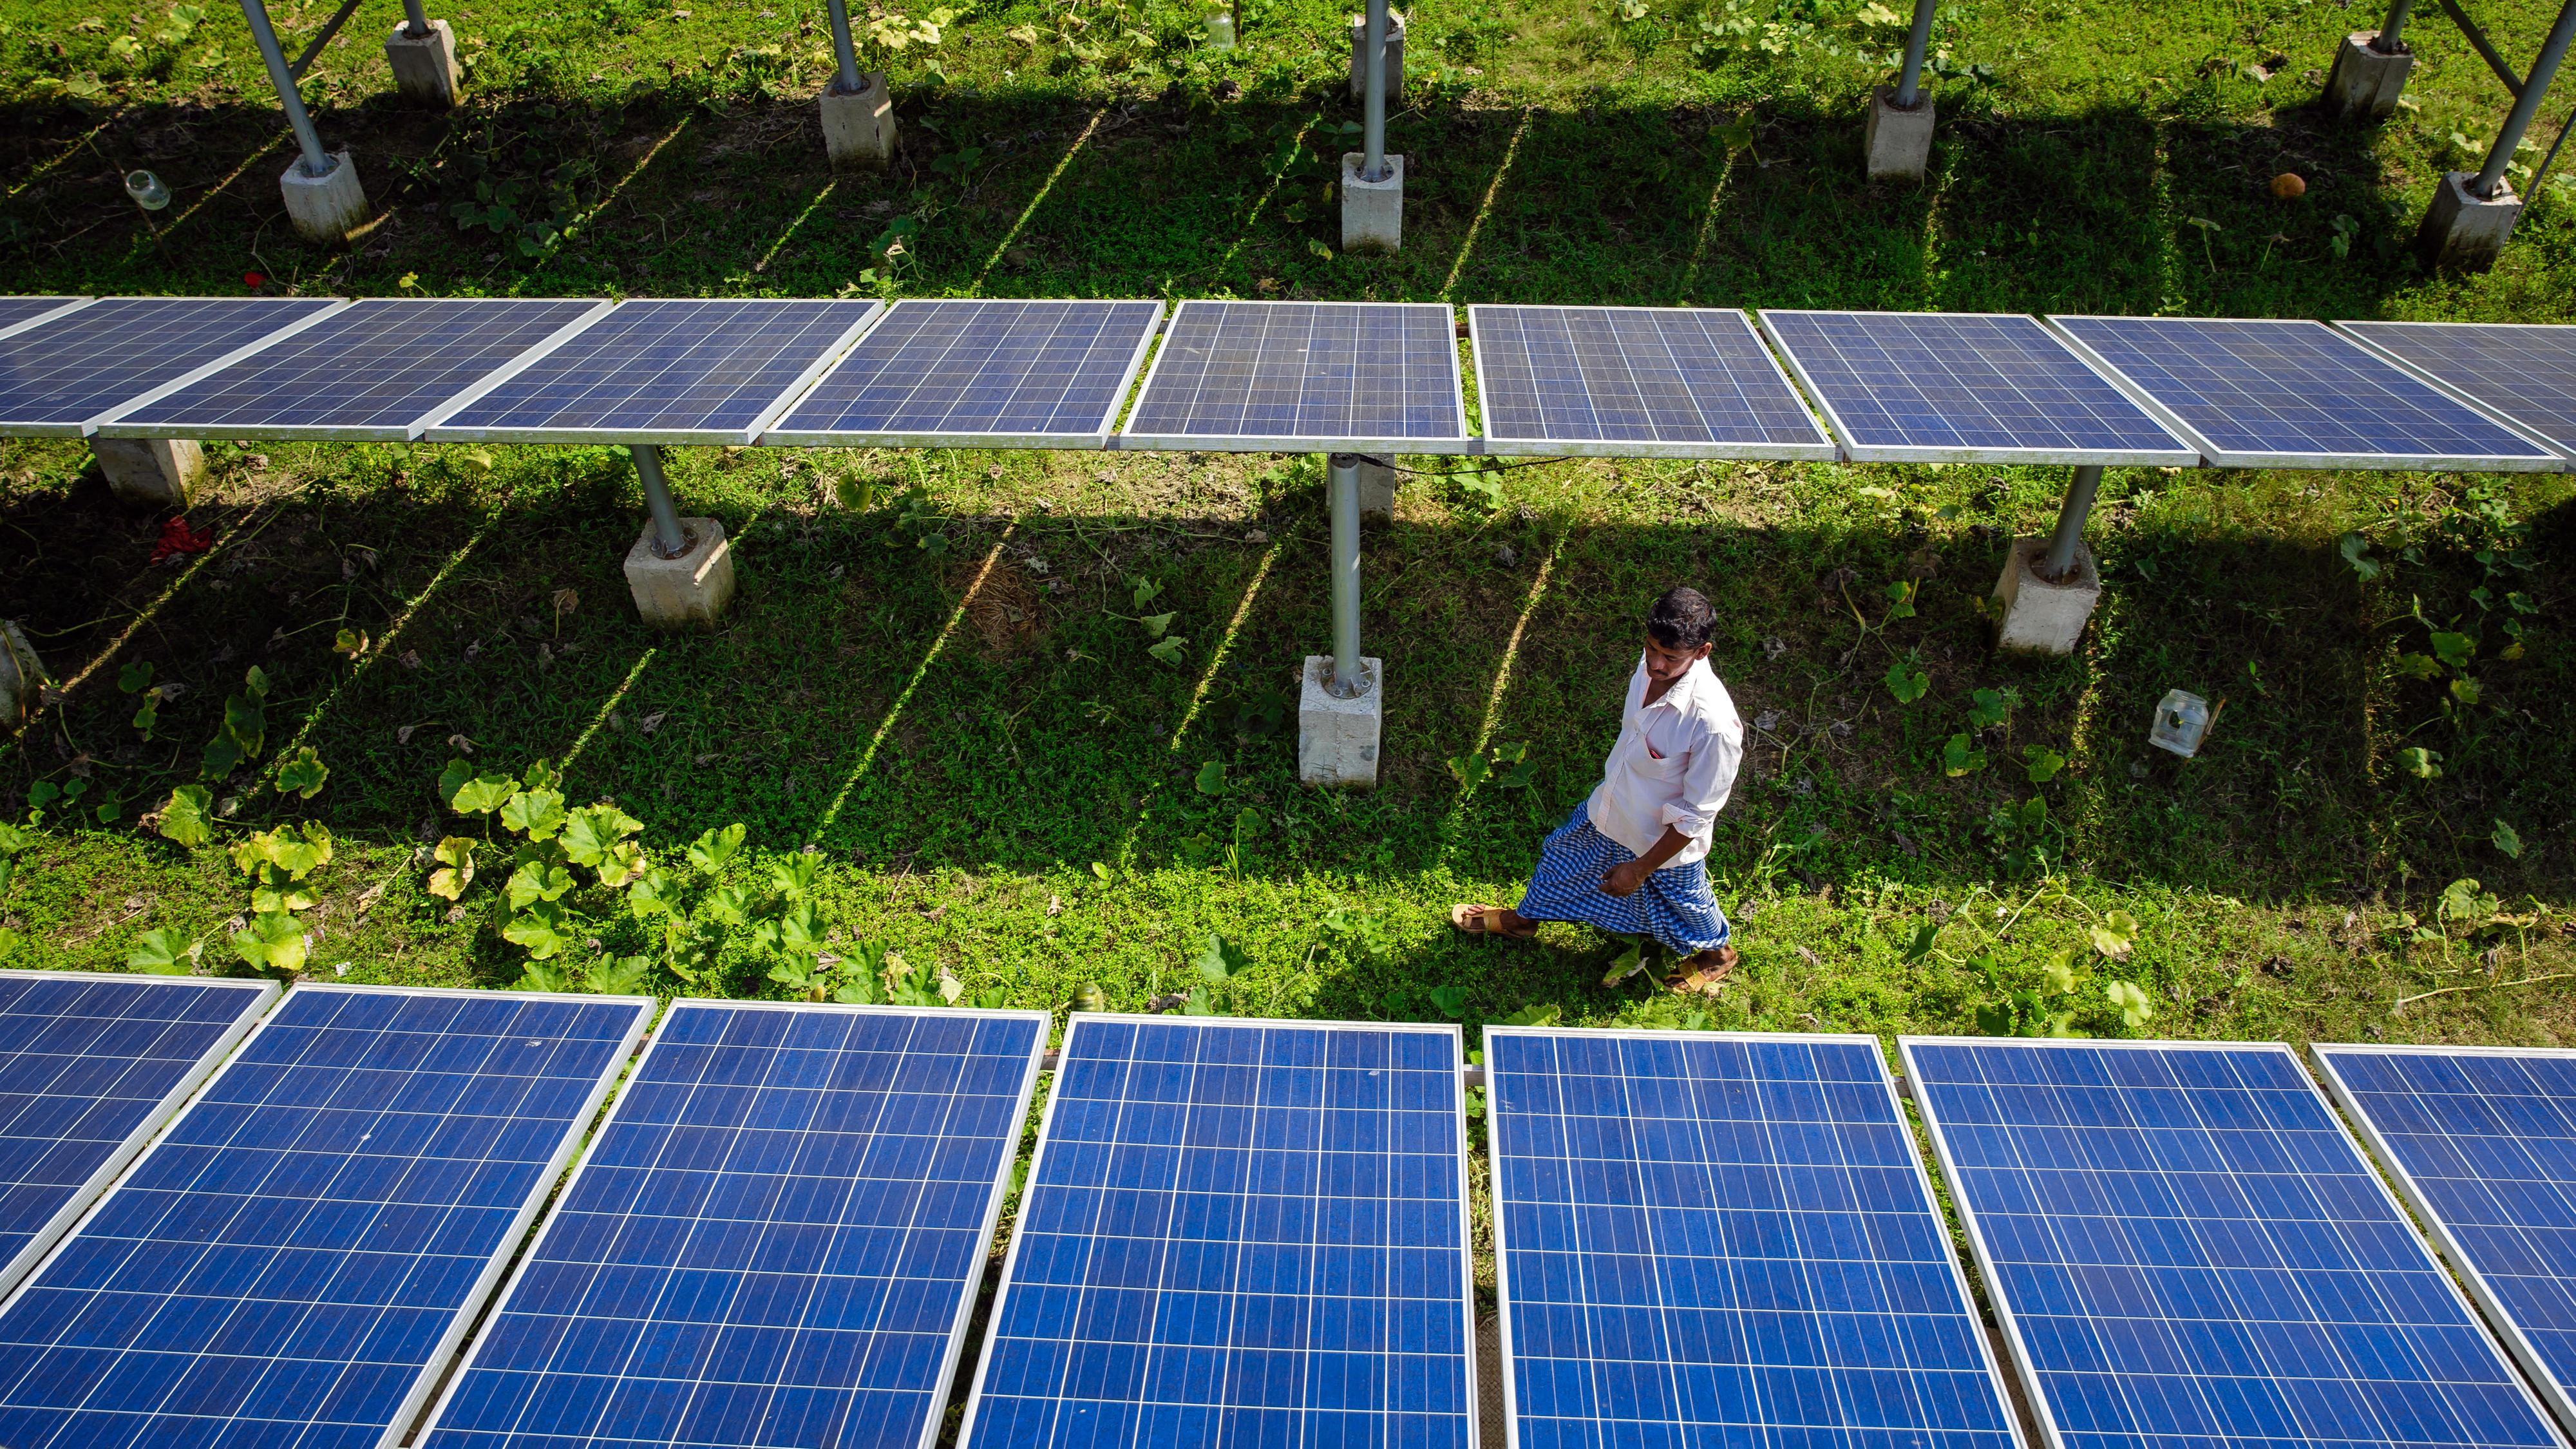 Solaranlage zur Stromversorgung einer solarbetriebenen Pumpe für die Bewässerung von Feldern in Bangladesch